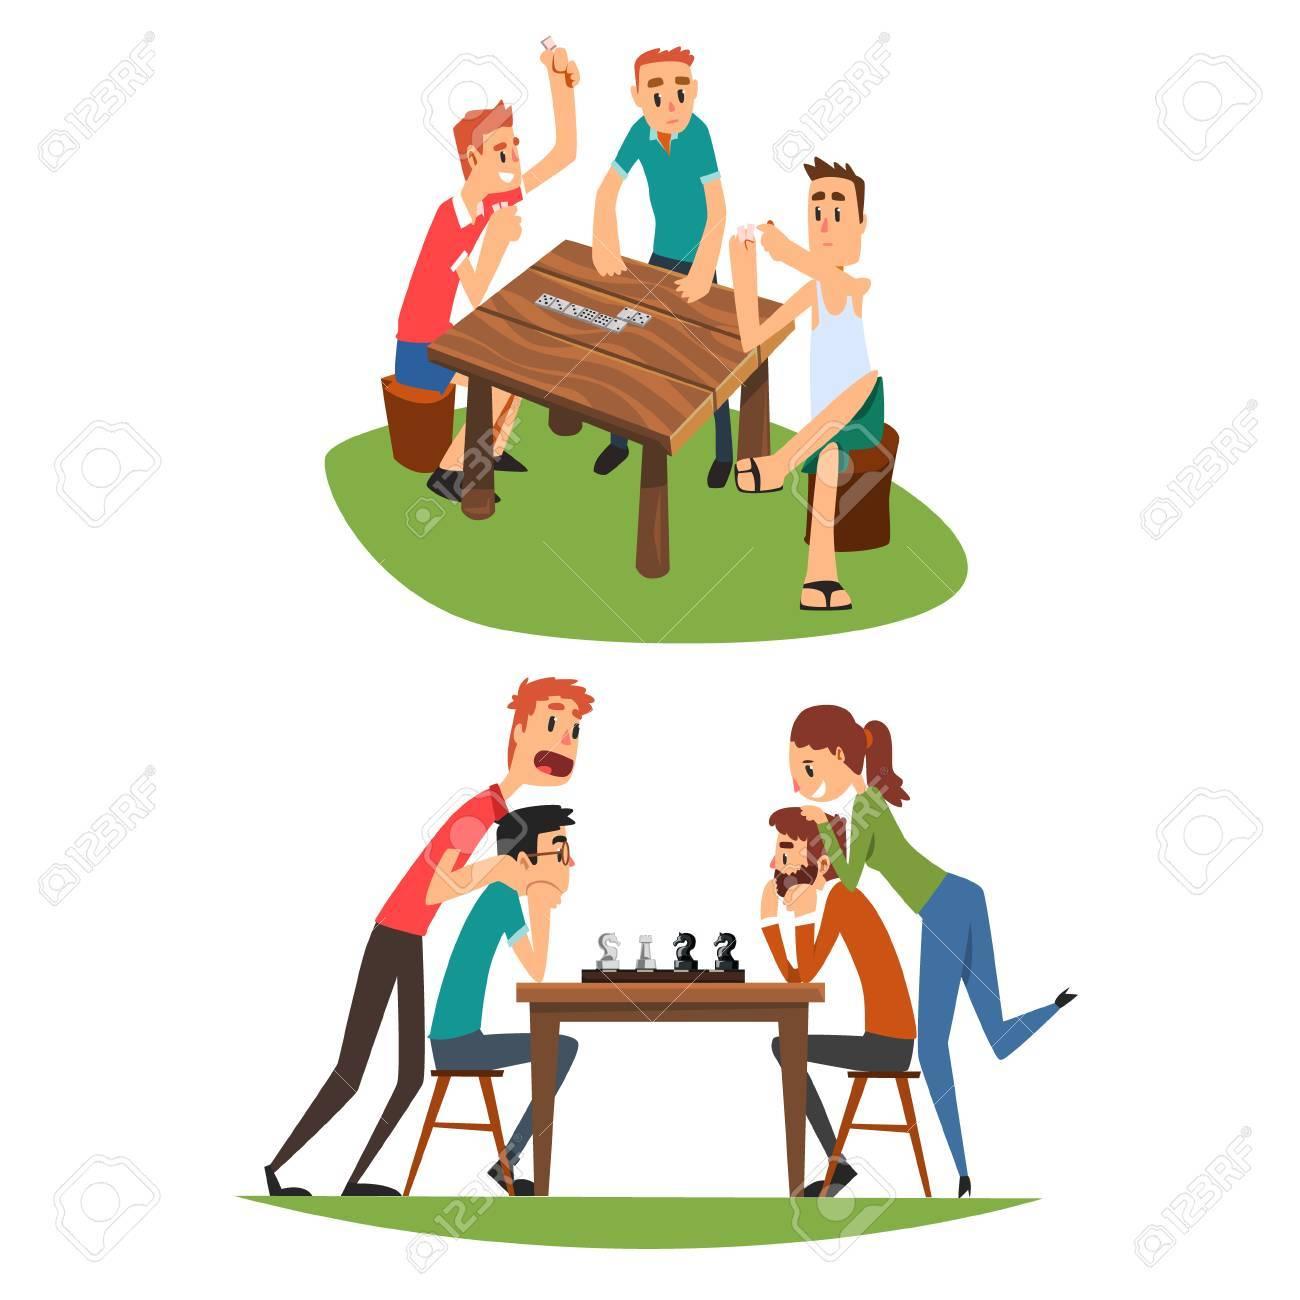 Juegos De Mesa Amigos Jugando Al Domino Y Al Ajedrez Un Grupo De